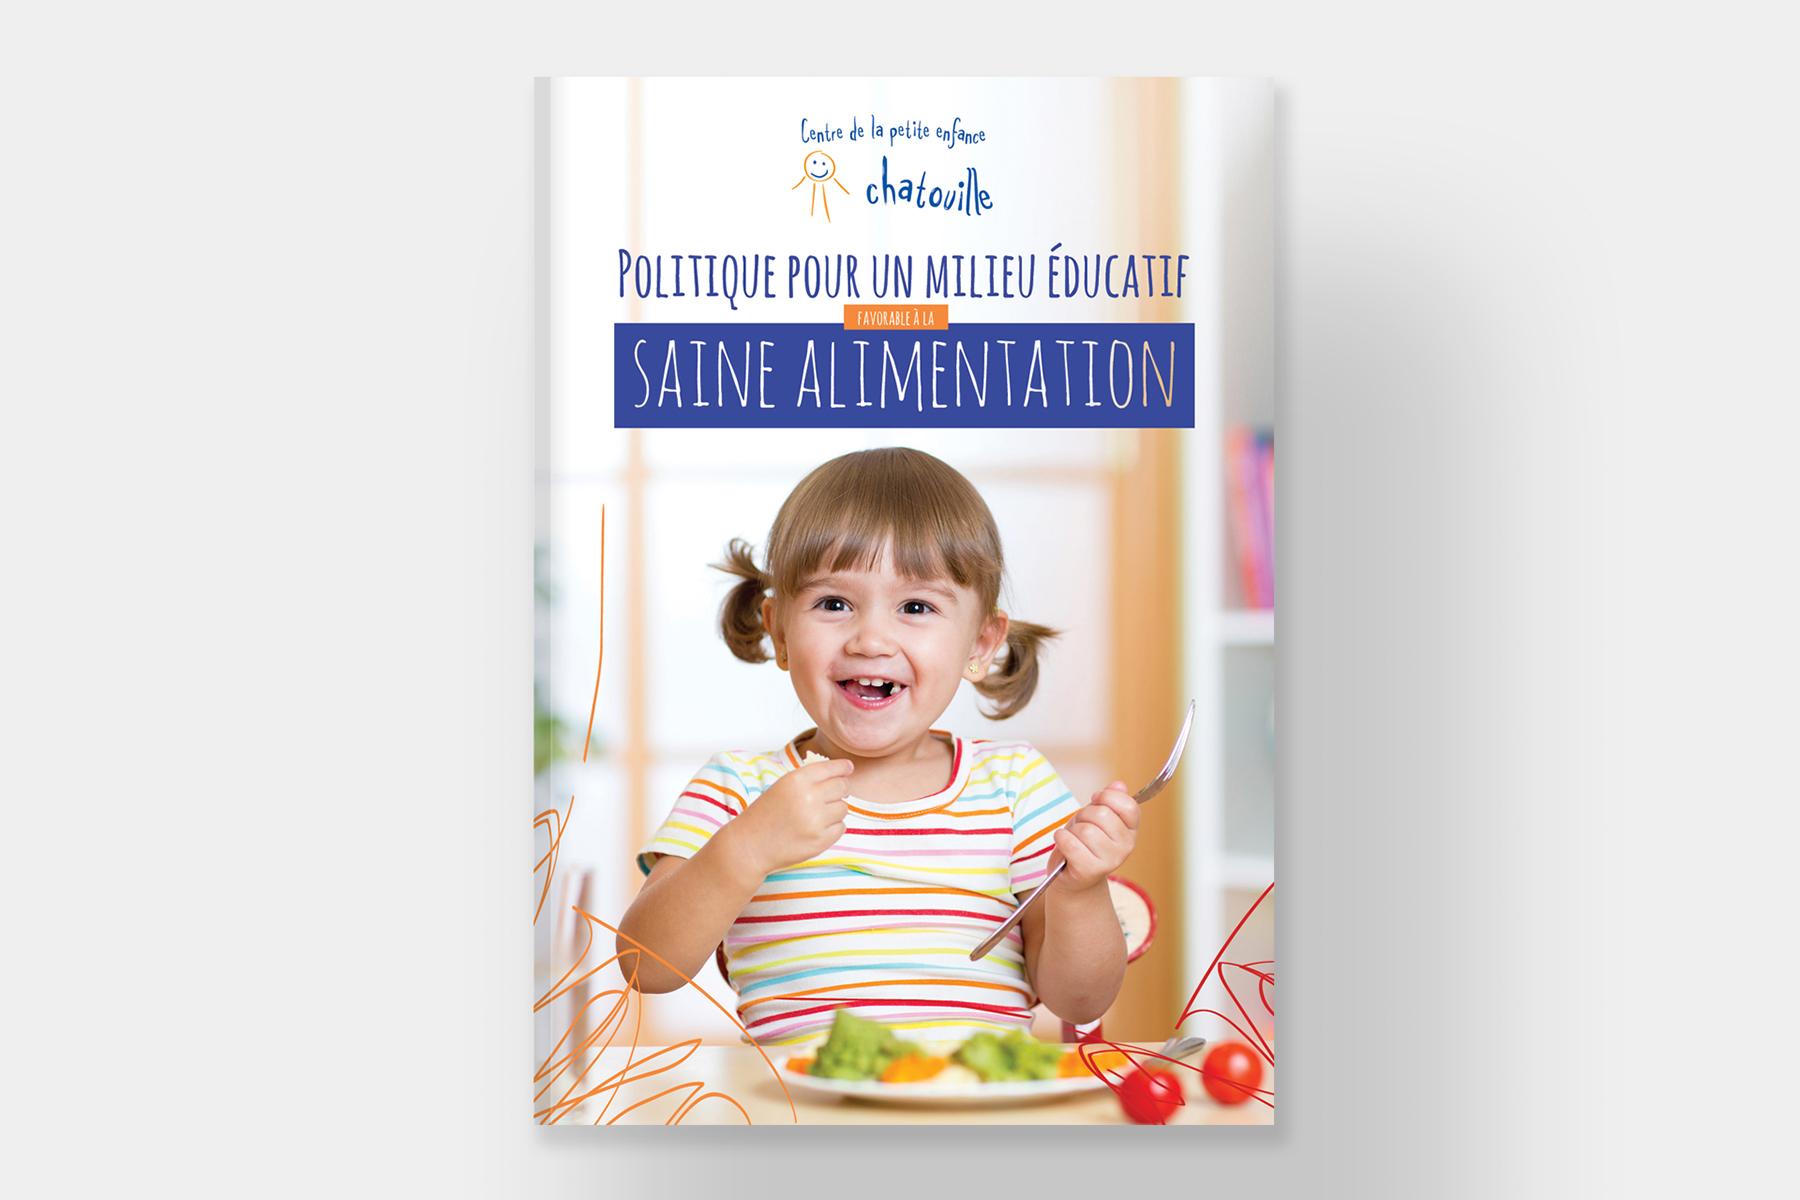 Page couverture de la brochure de la politique alimentaire du CPE Chatouille